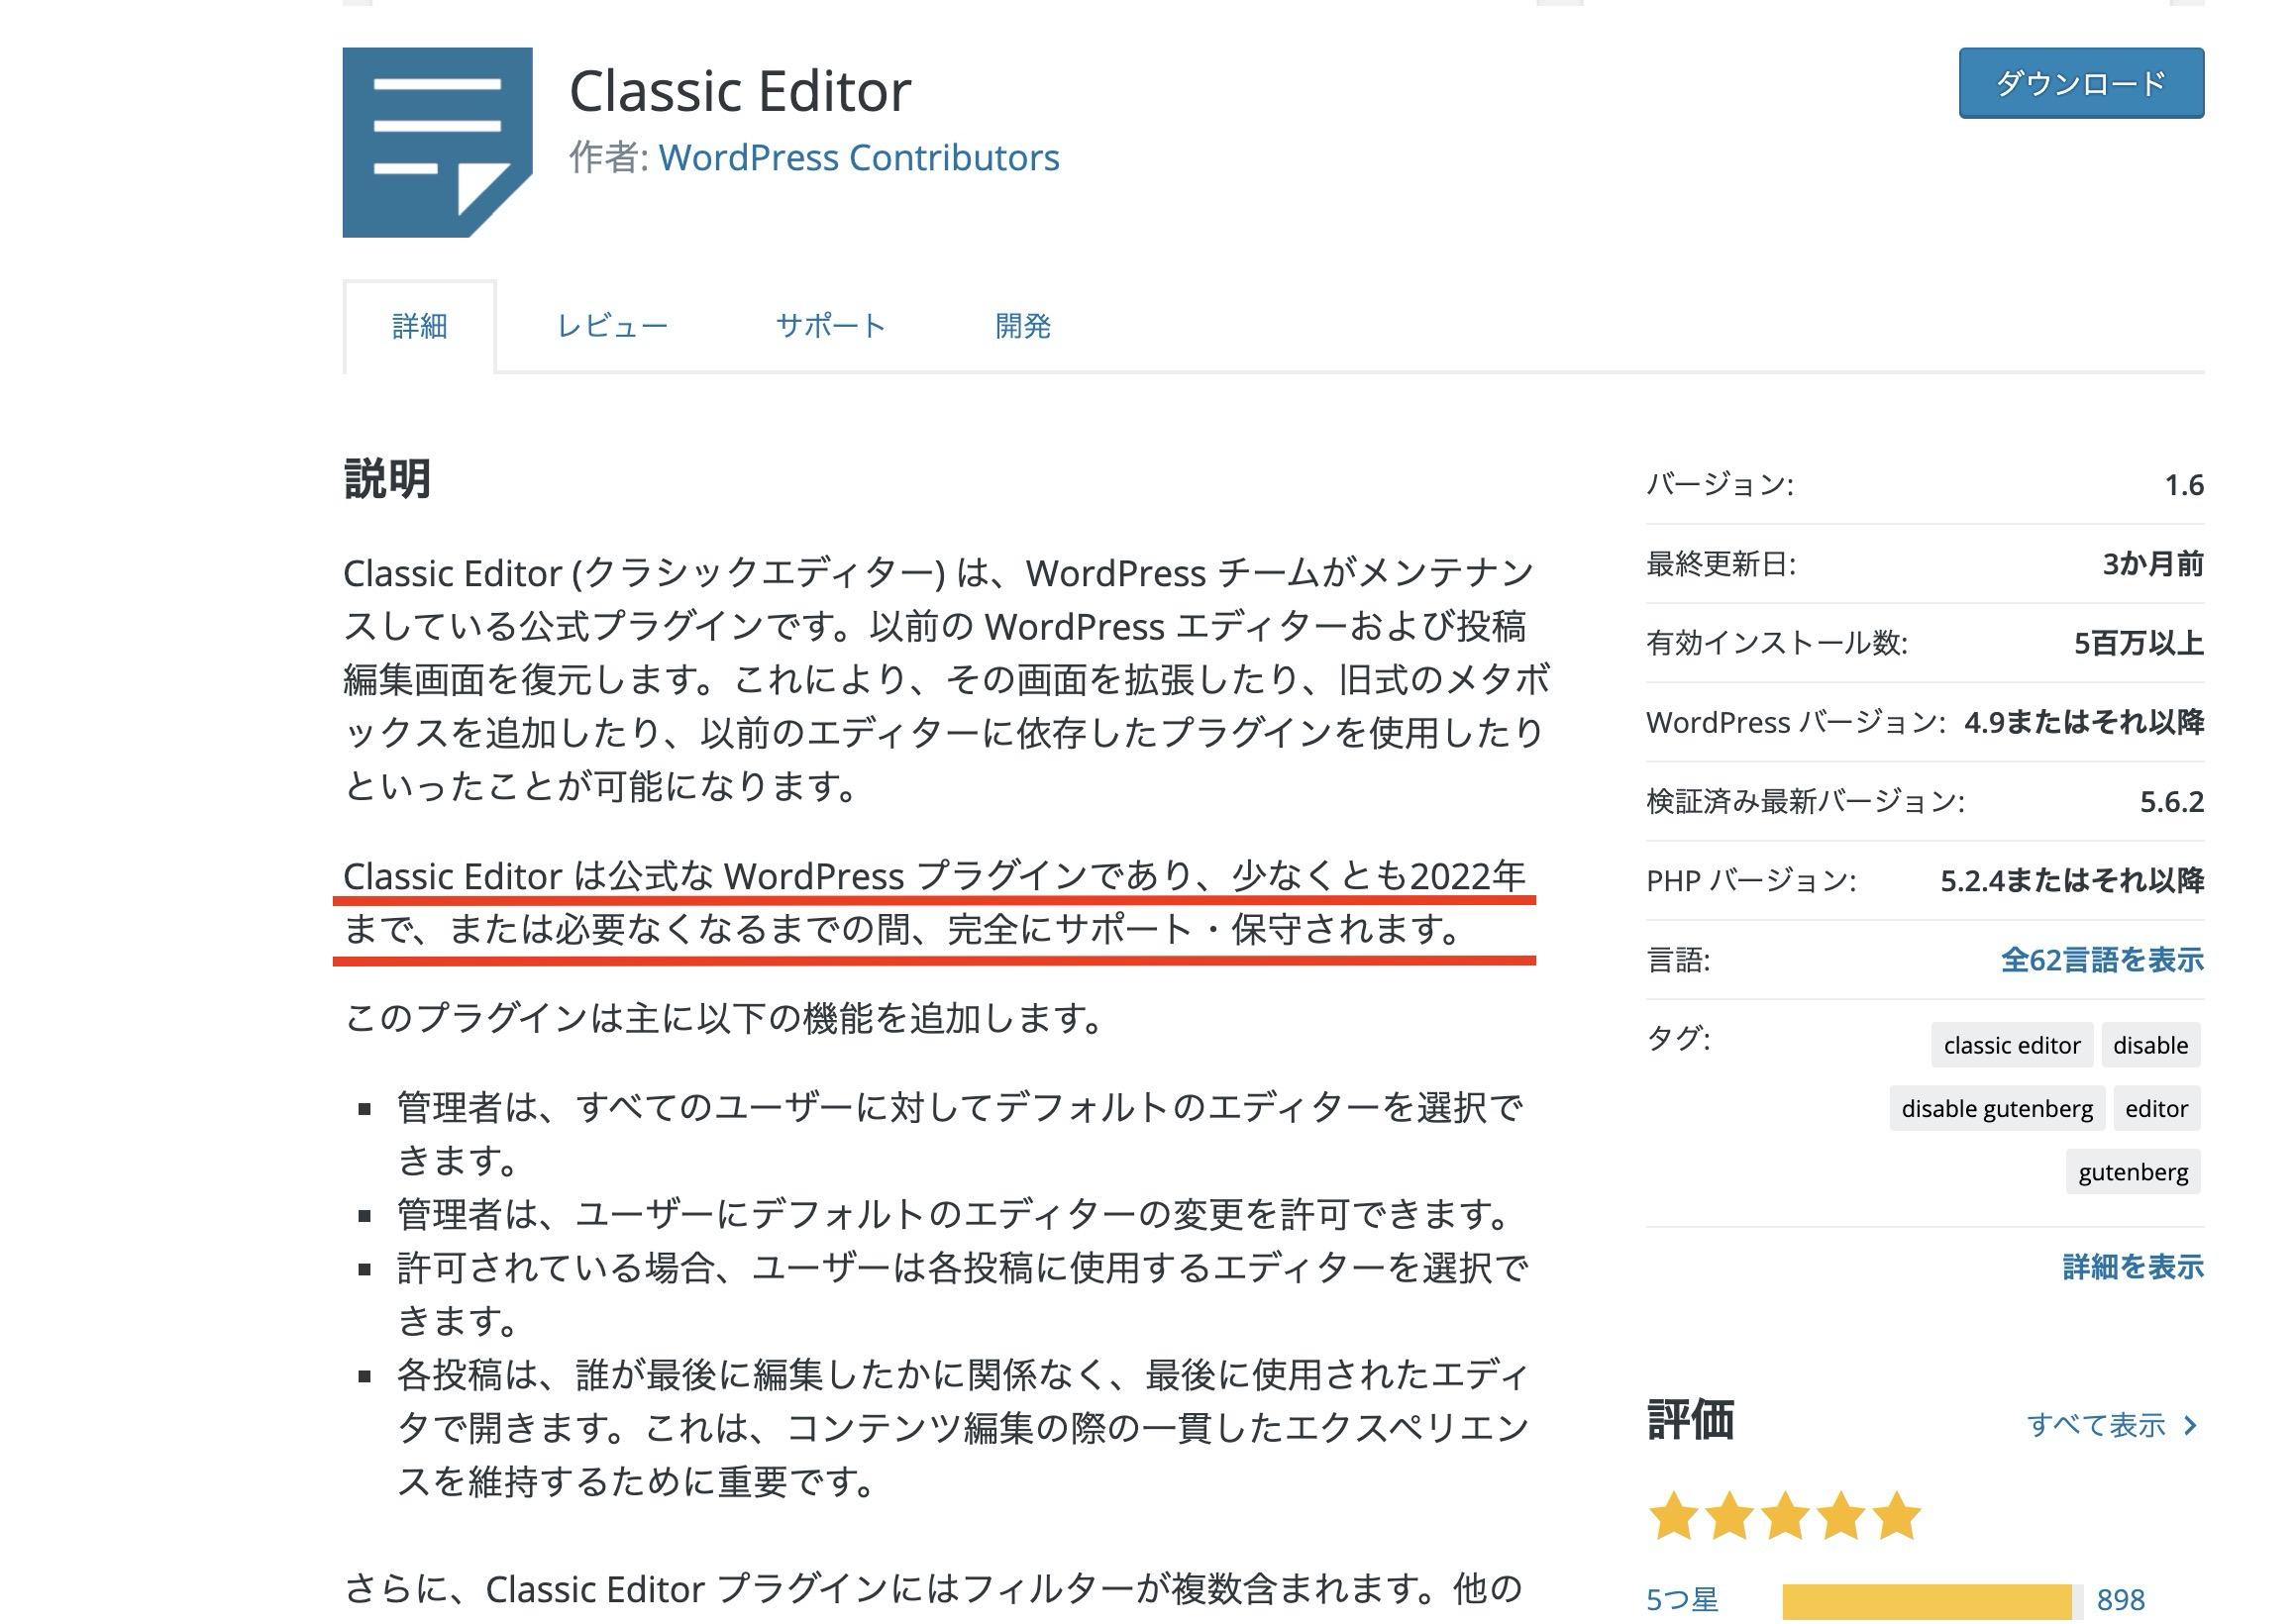 ワードプレス クラシックエディターサポート2022年まで延長!